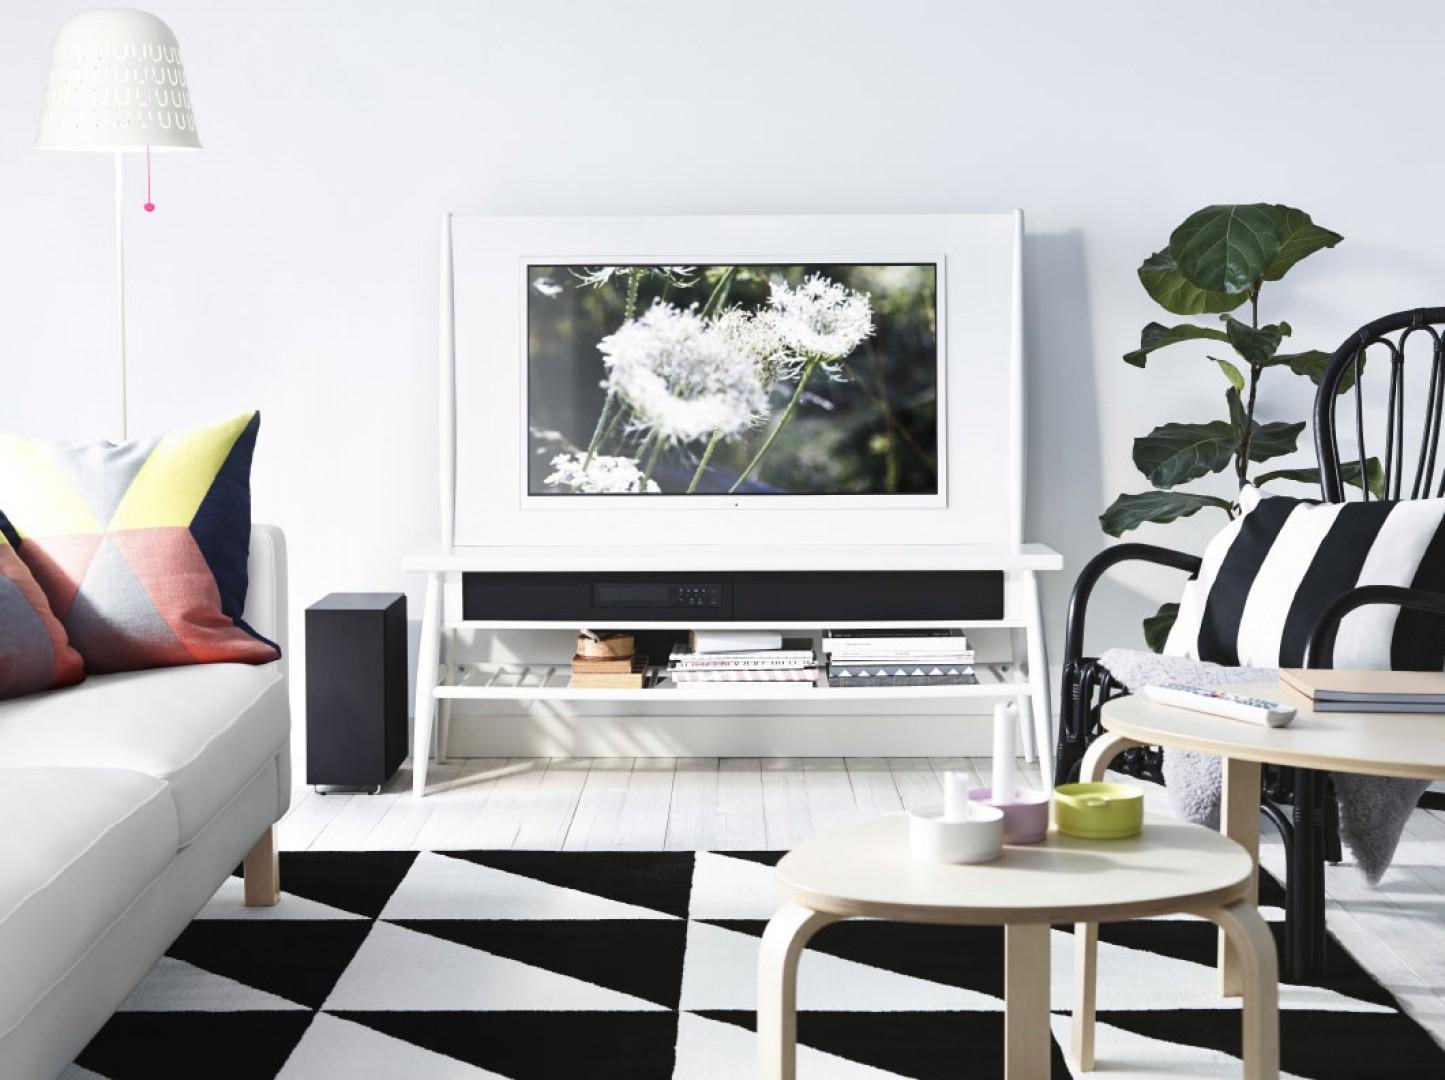 Odbiornik audio powinien być ustawiony na odpowiedniej wysokości. Zapewni to funkcjonalna szafka RTV. Fot. IKEA